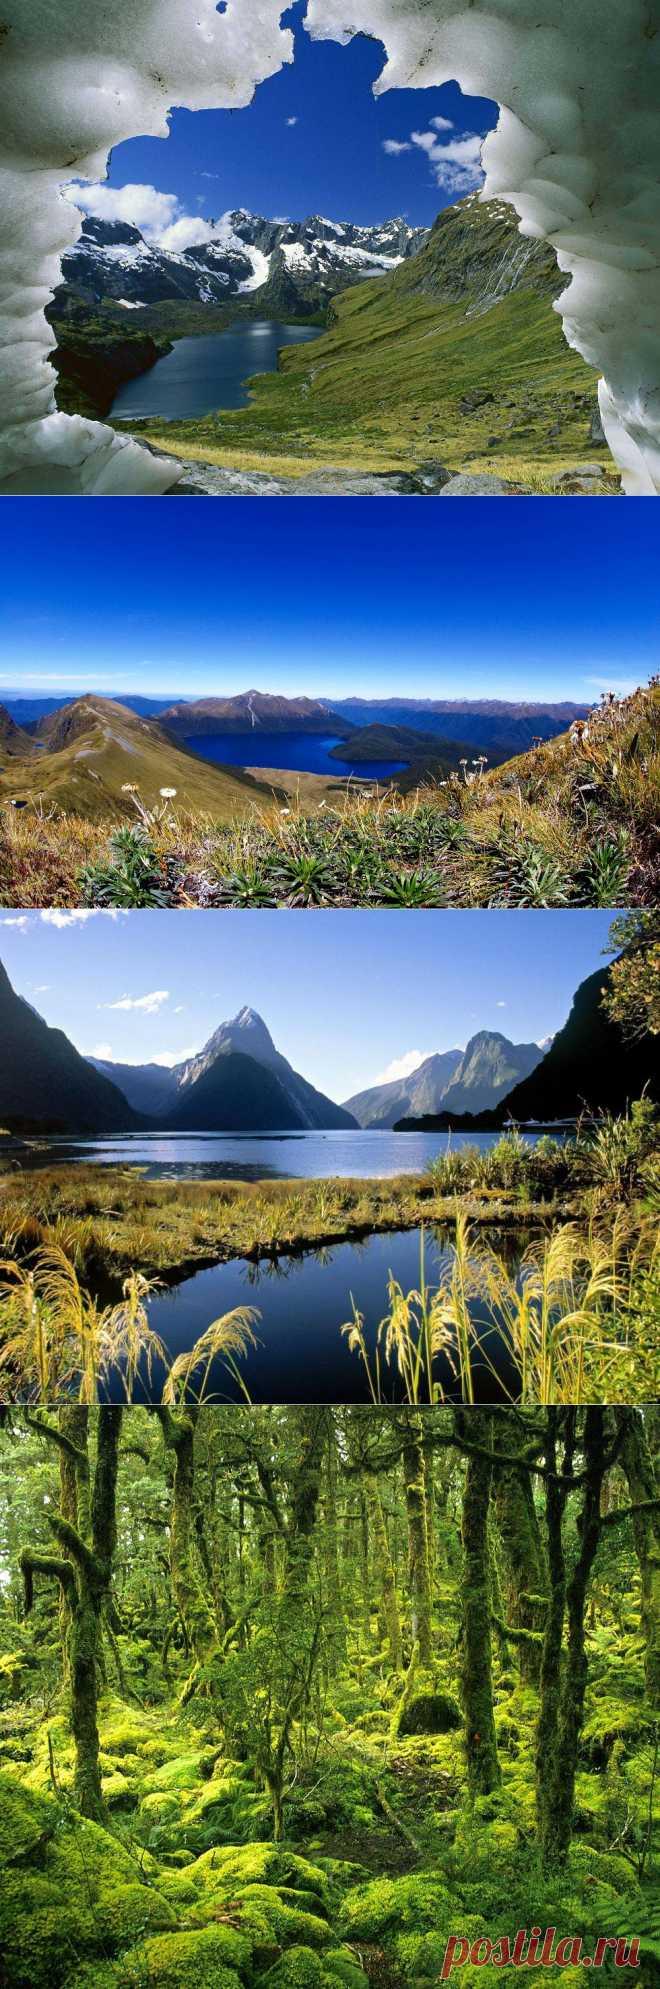 Фьордленд: невероятно красивый Национальный парк в Новой Зеландии - Terra-Z